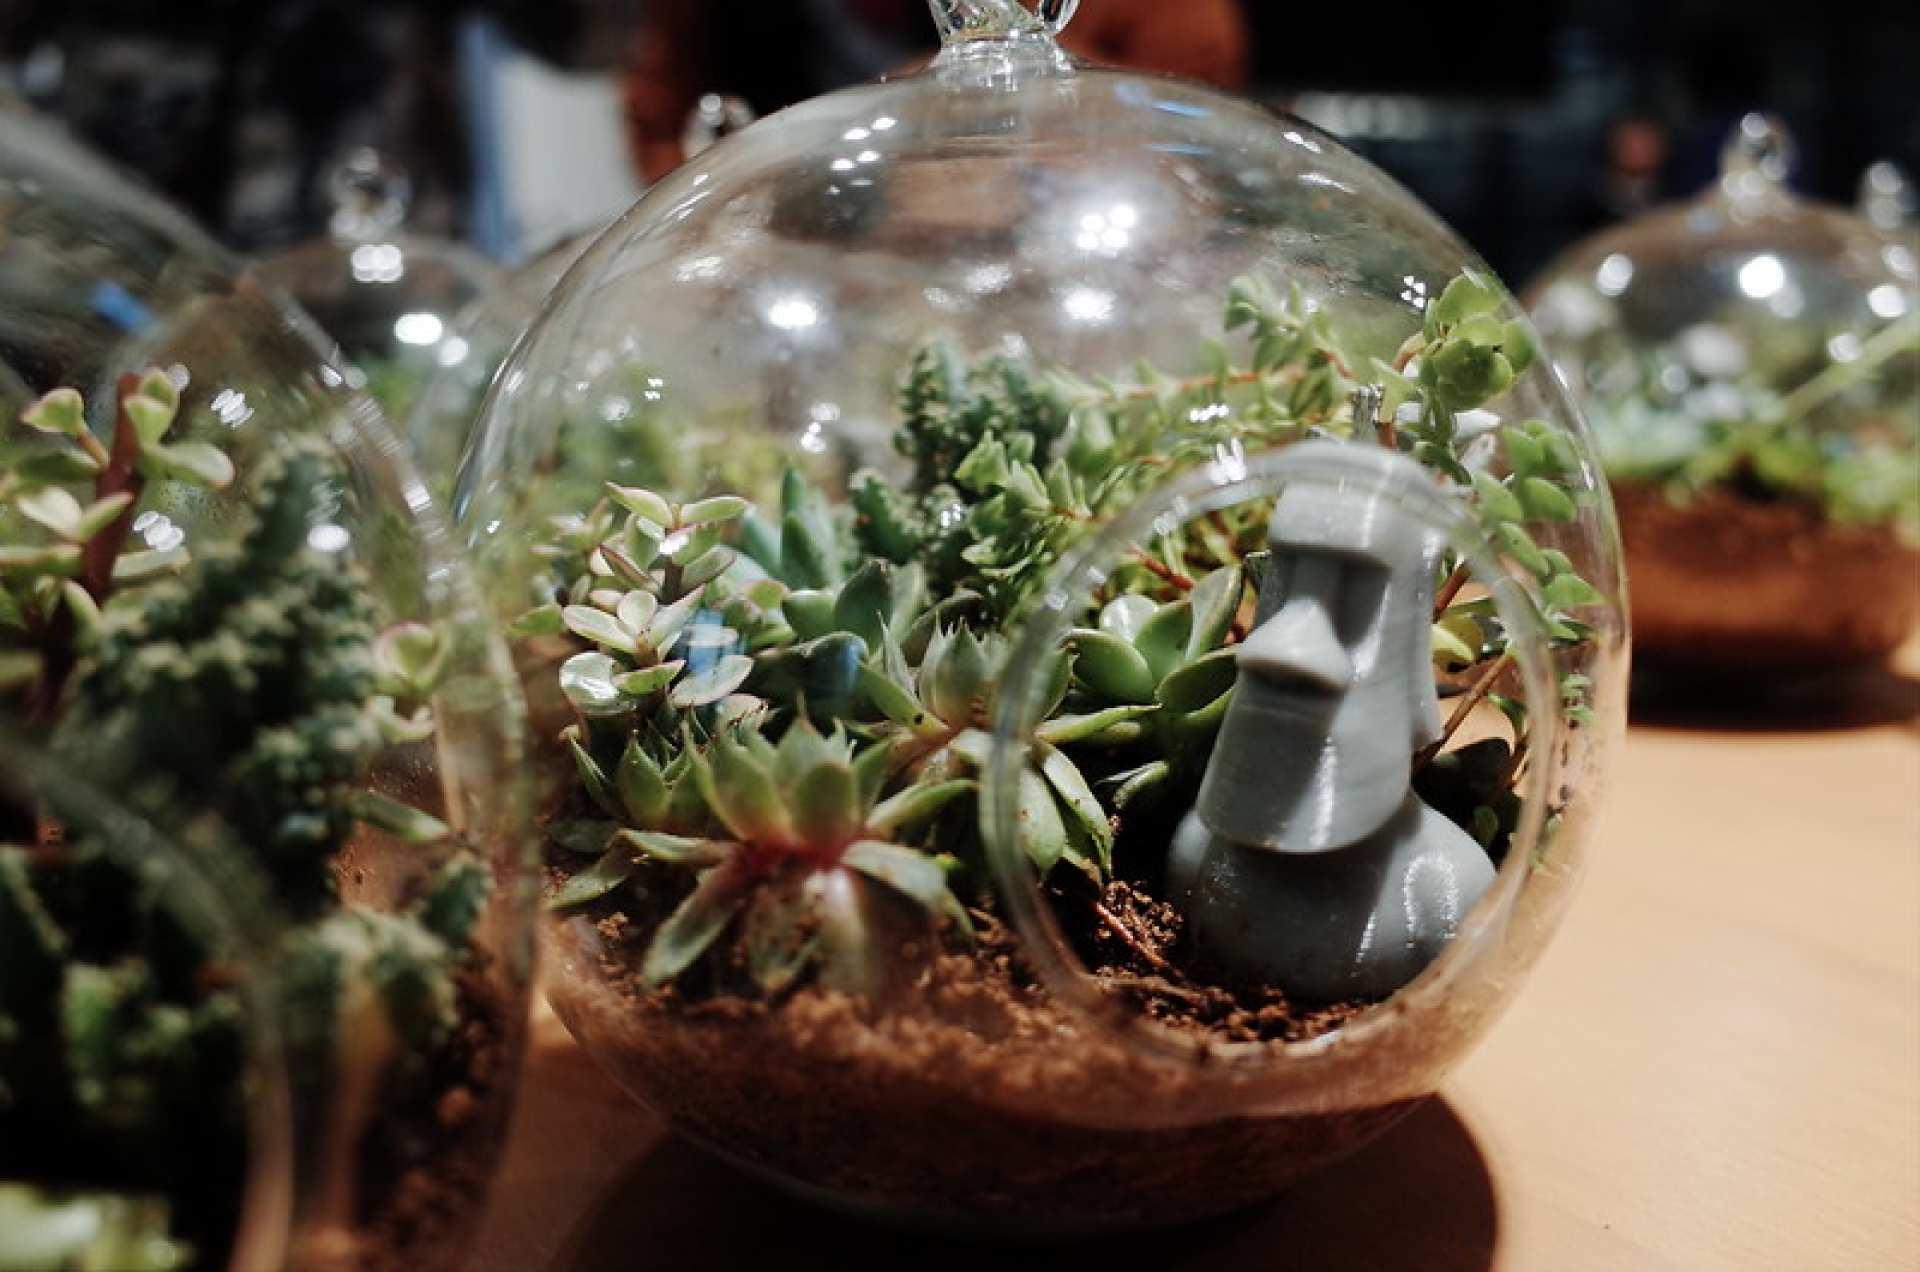 【品品學堂手作體驗】微景設計 摩艾多肉植物復活島手作體驗活動